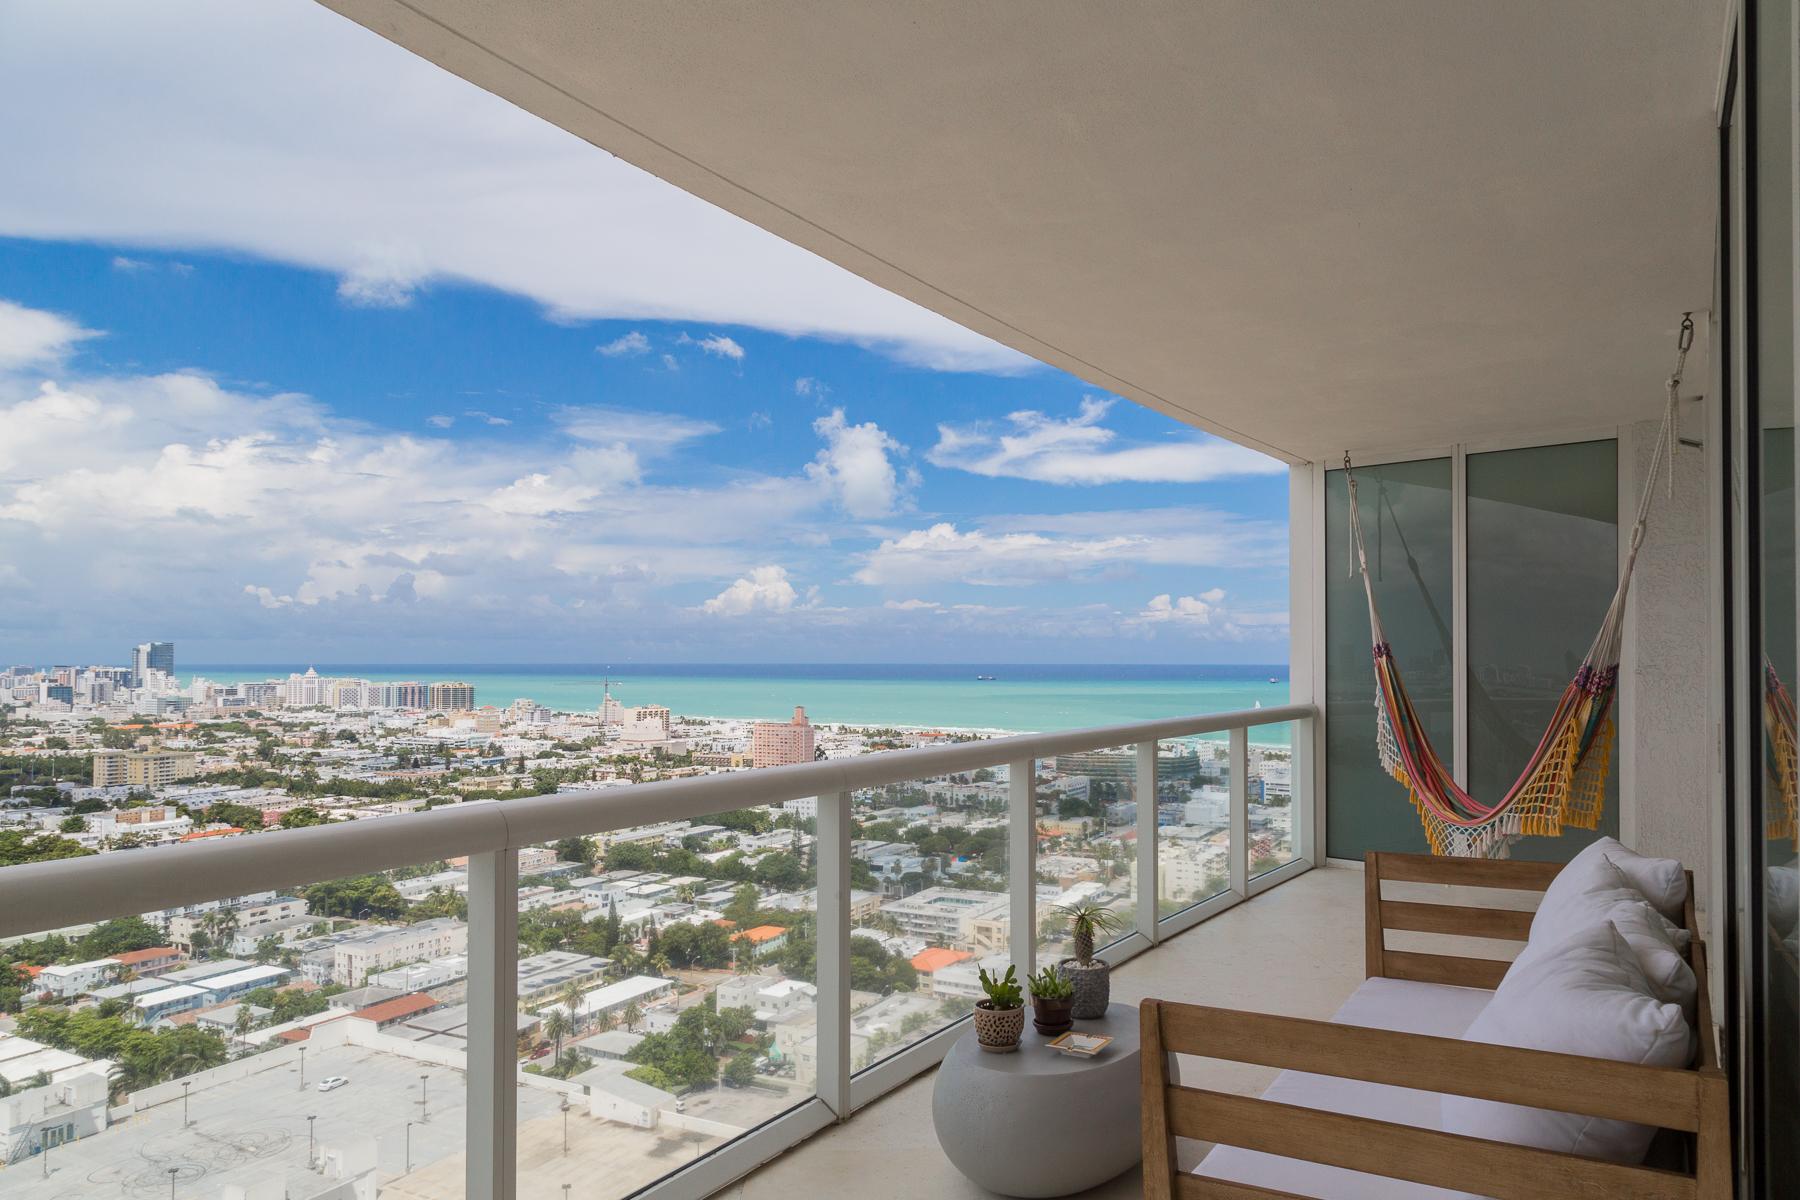 Condominio per Vendita alle ore 450 Alton Rd #3106 450 Alton Rd 3106 Miami Beach, Florida, 33139 Stati Uniti